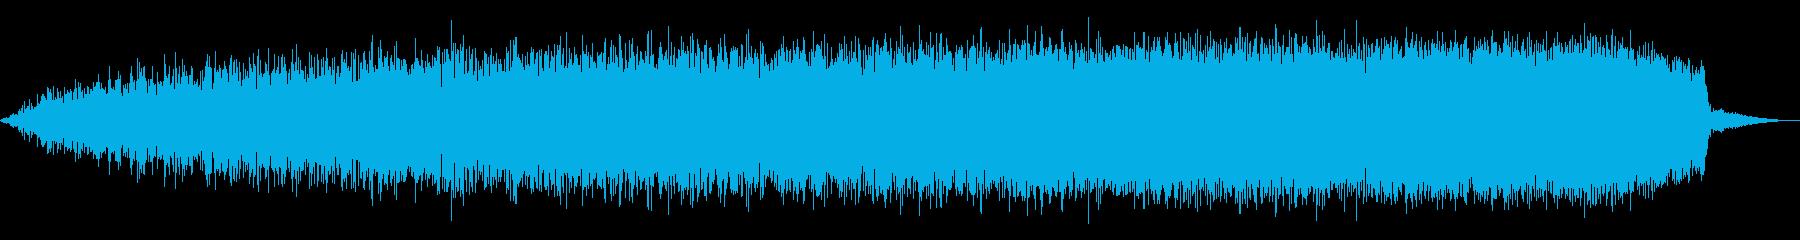 ライジングWINDY WHOOSHの再生済みの波形